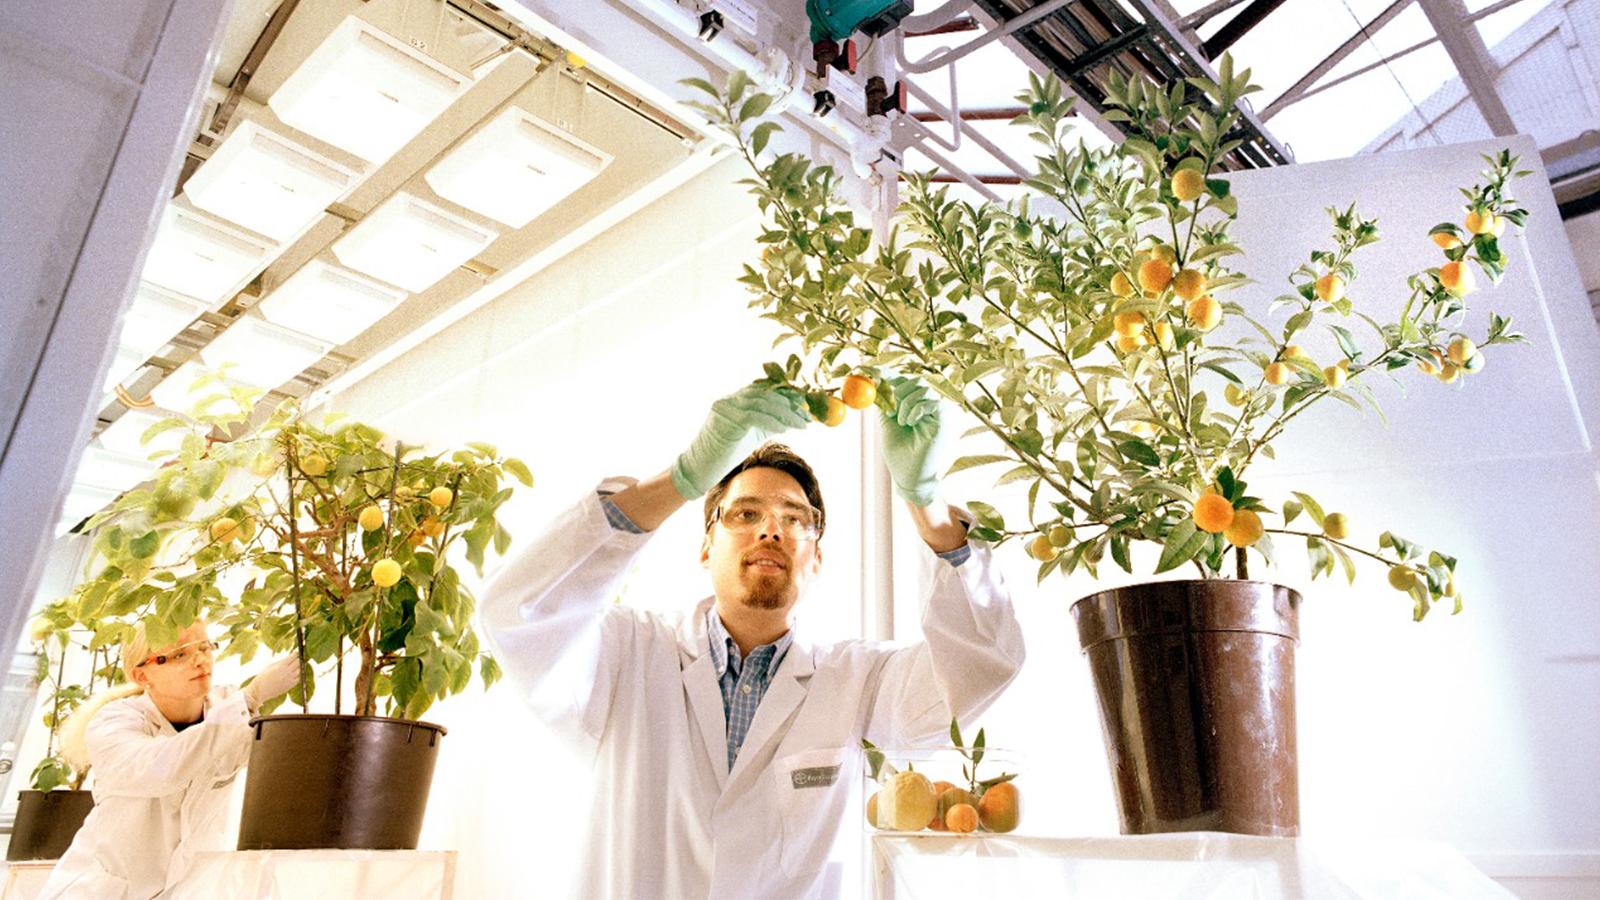 Abren nueva convocatoria para proyectos de innovación agrícola